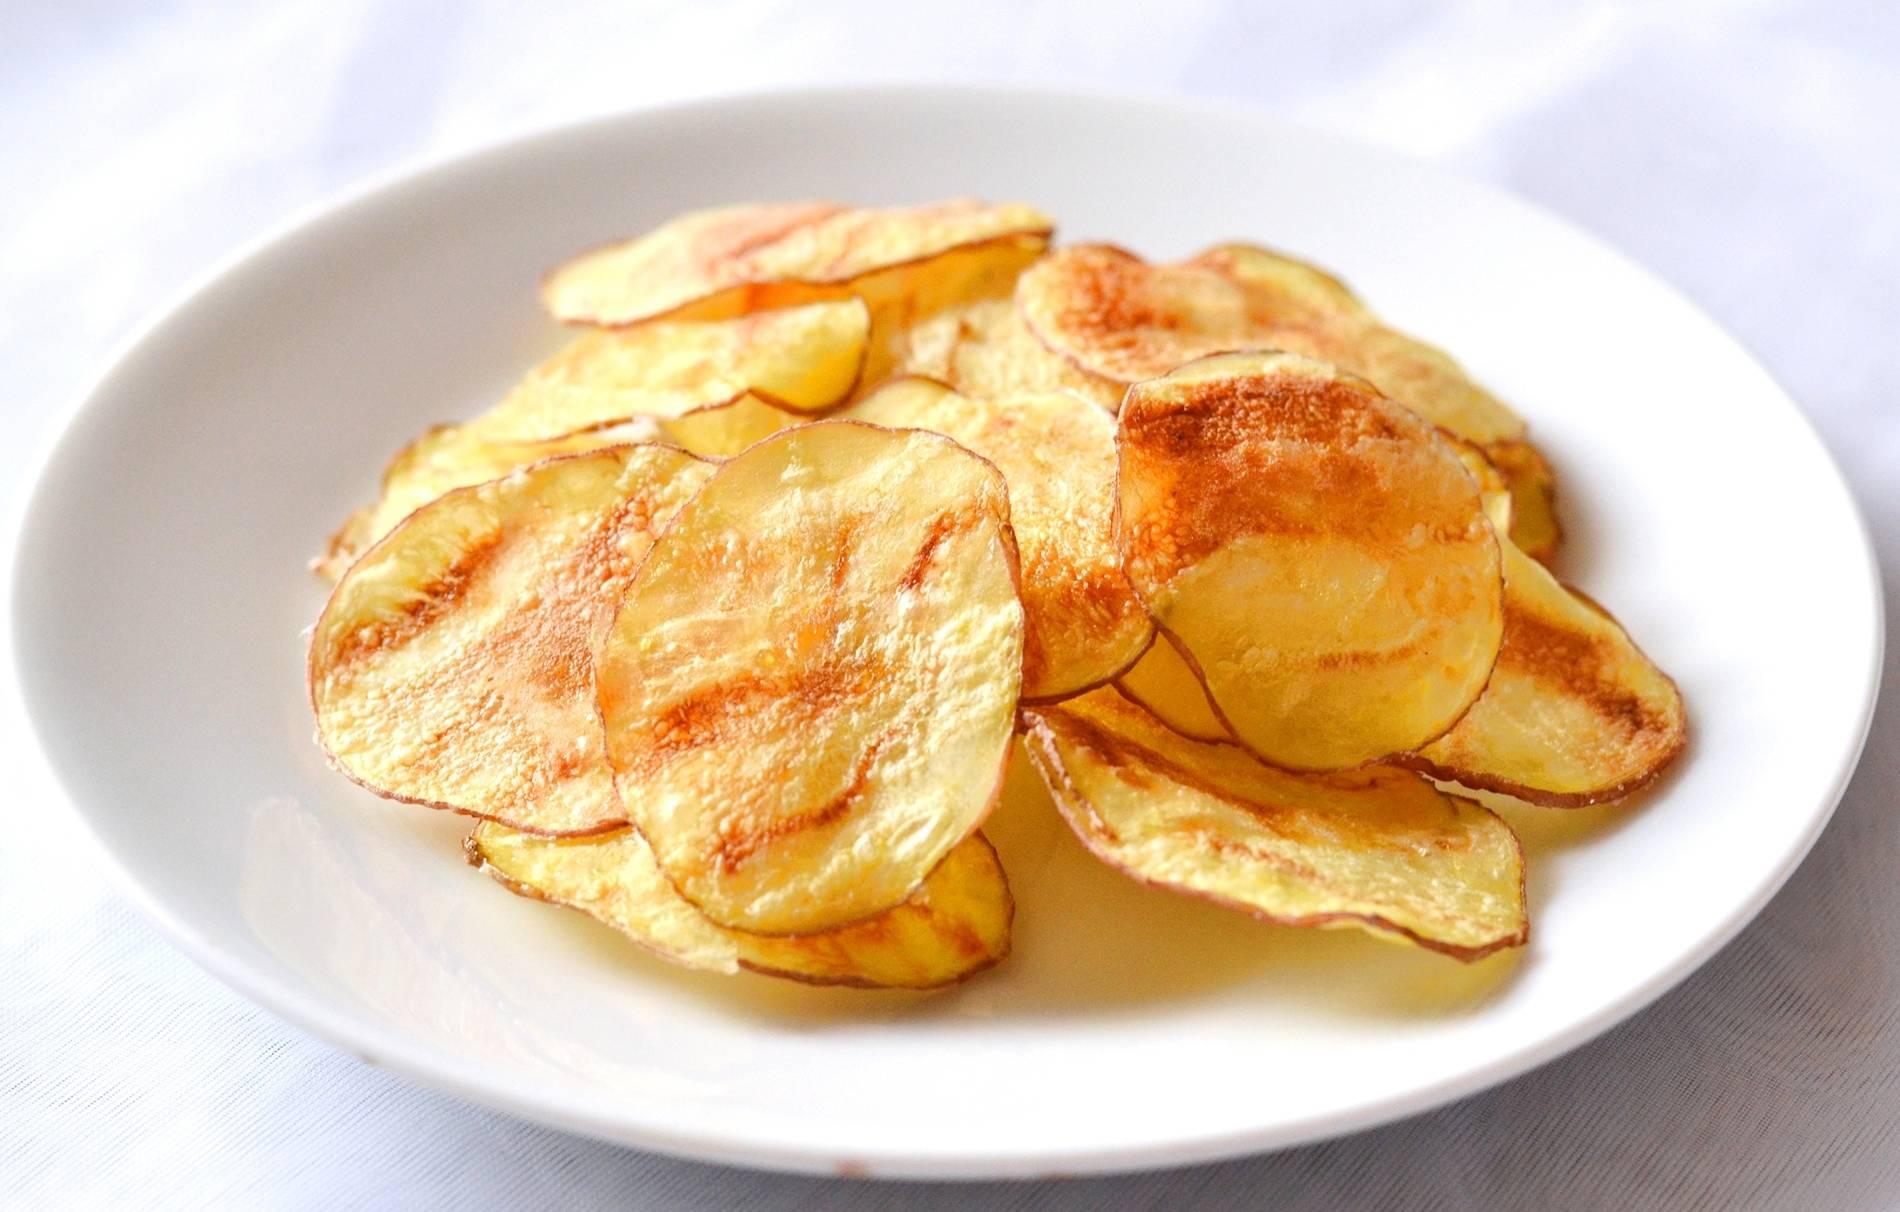 Burgonya chips recept egyszerűen főfotó